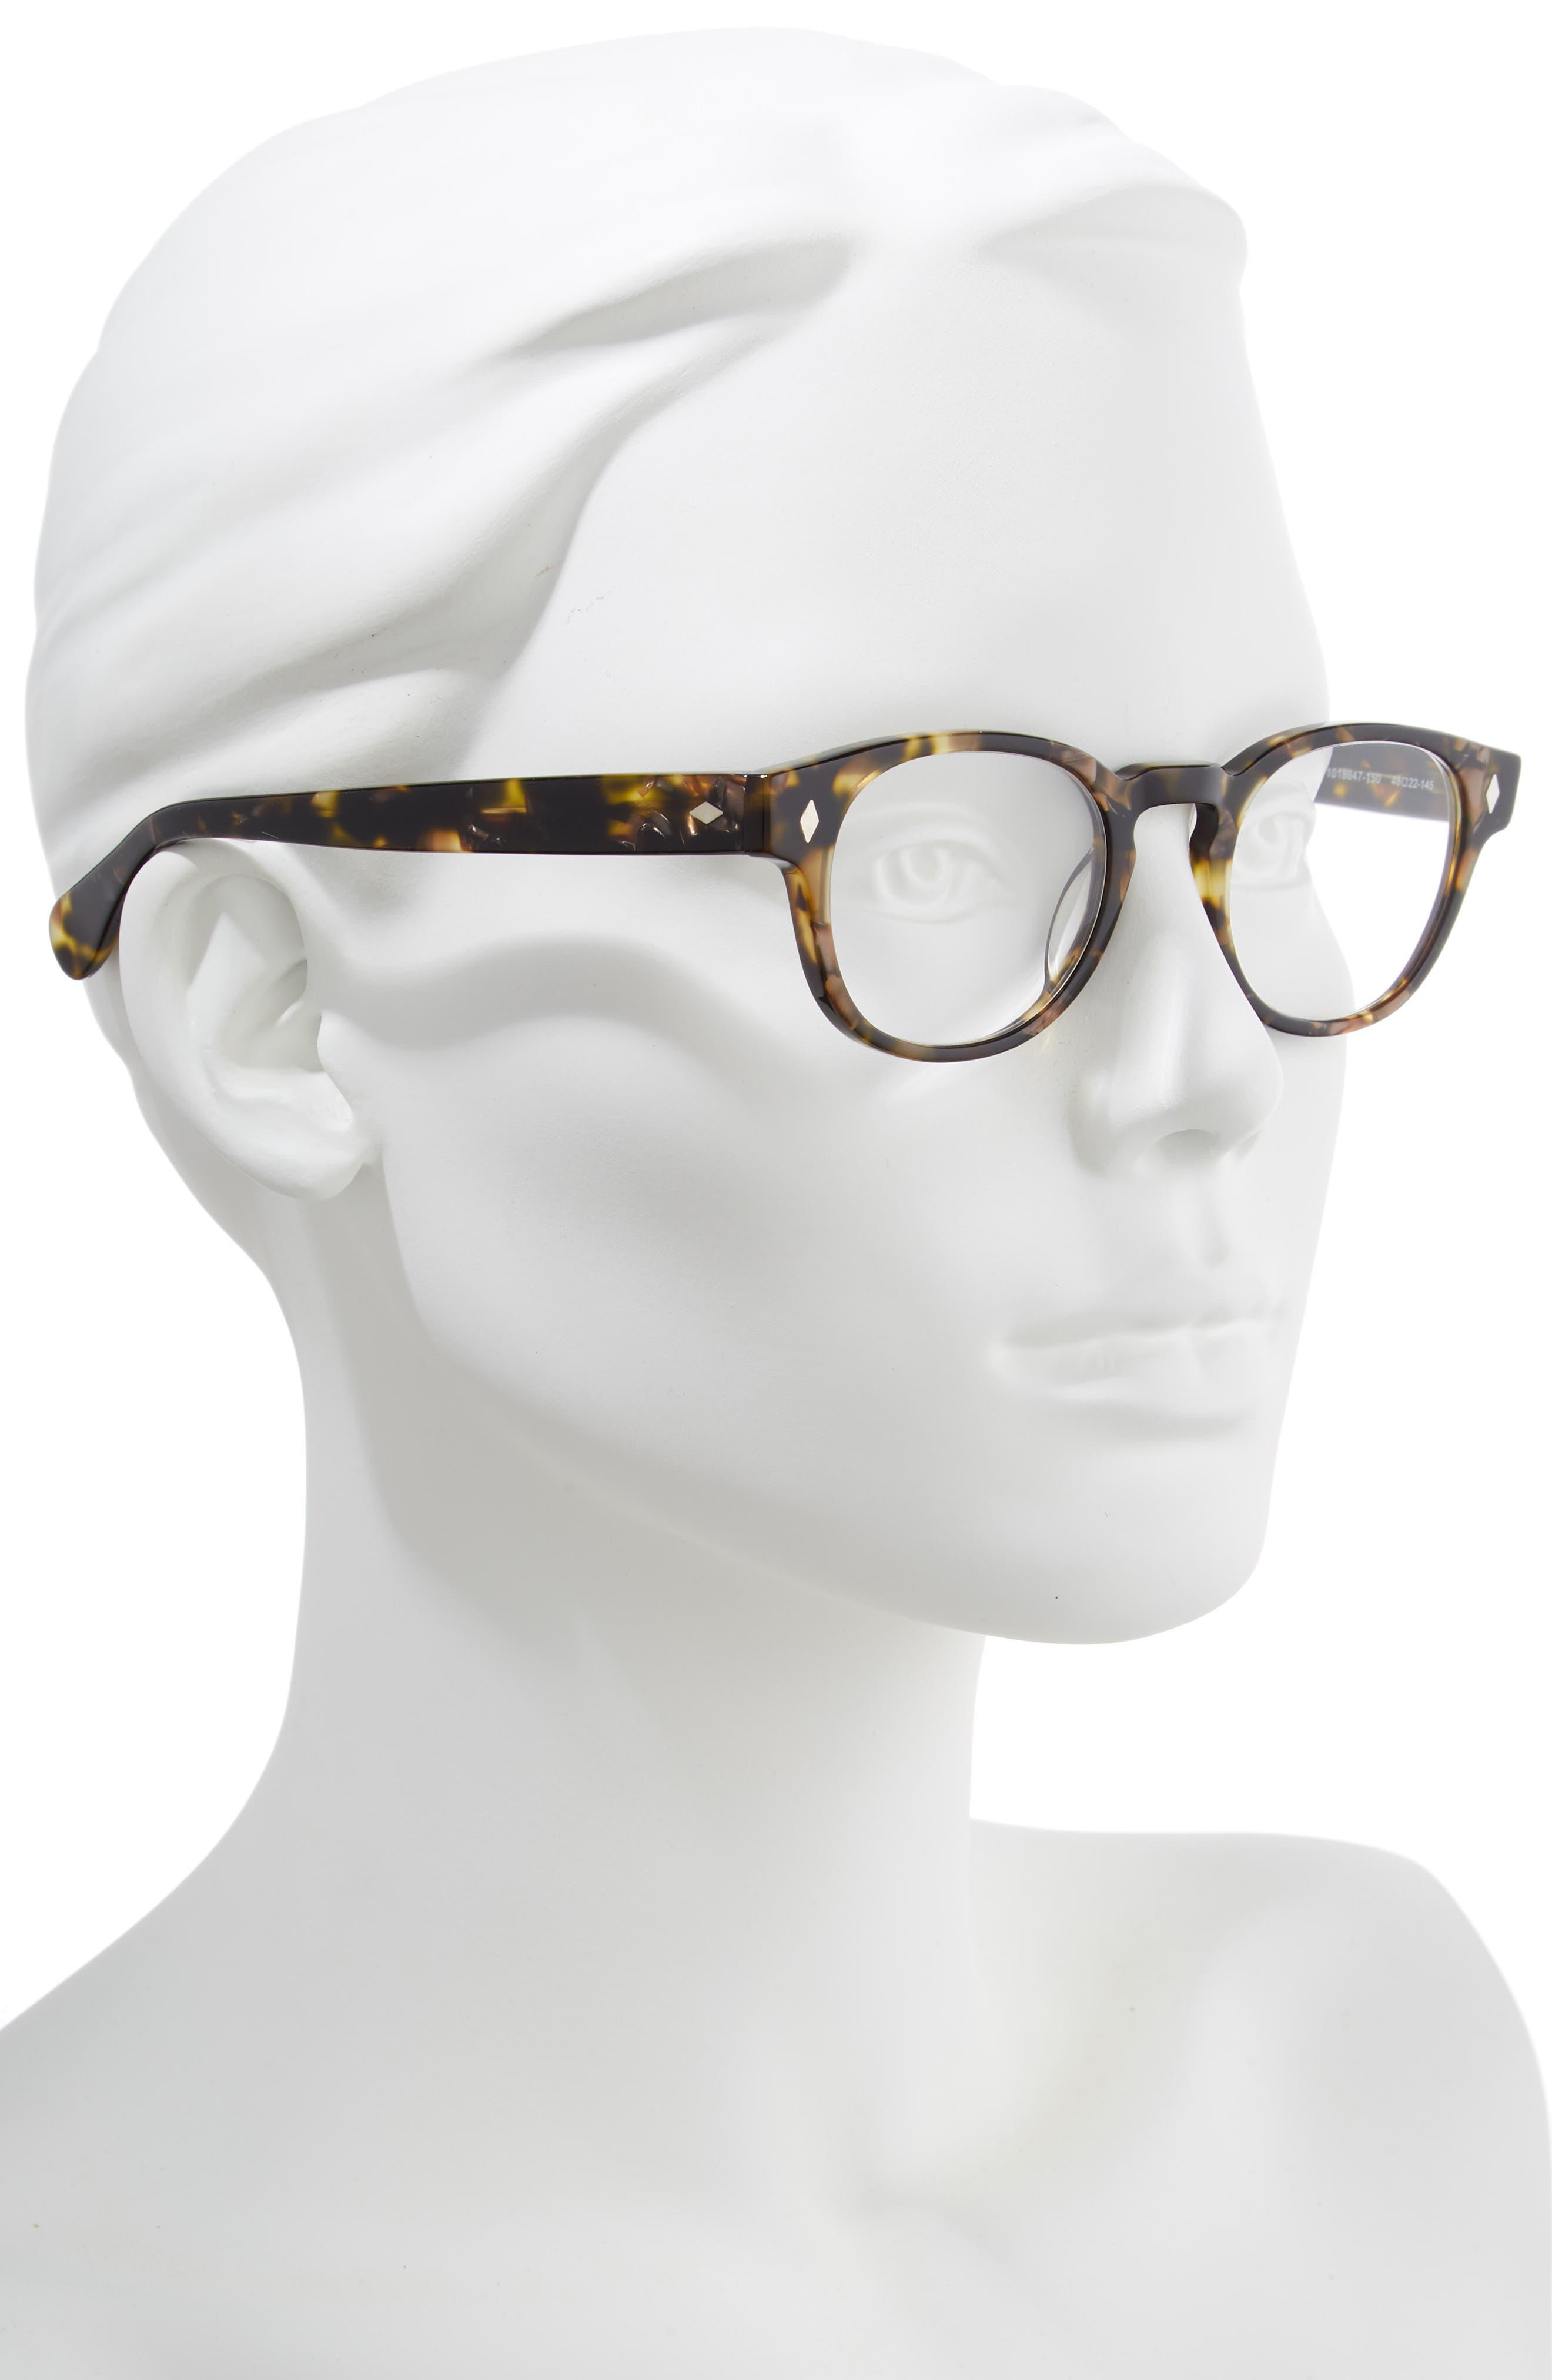 Elsa 48mm Reading Glasses,                             Alternate thumbnail 2, color,                             METALLIC TORTOISE